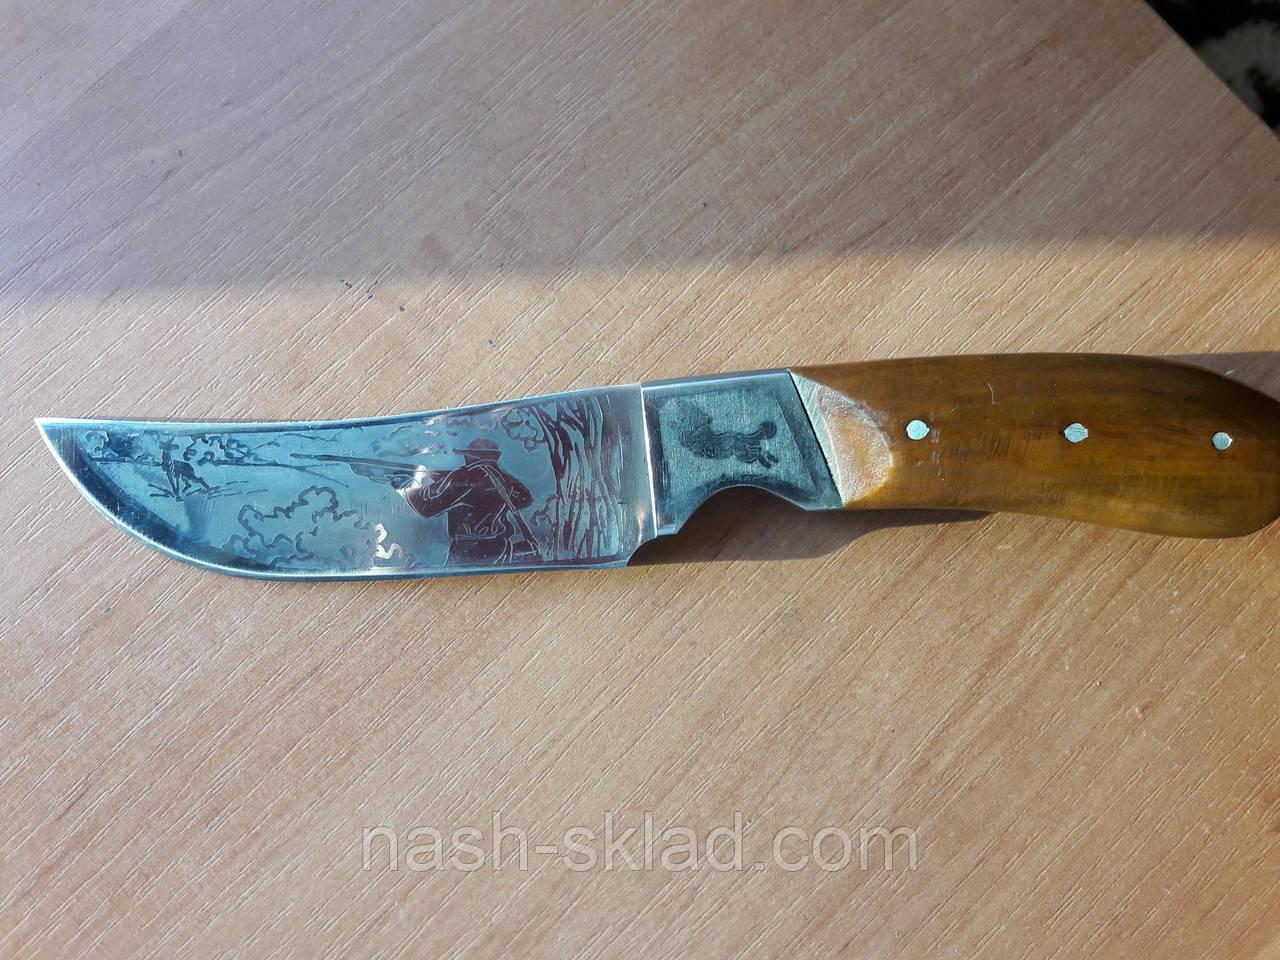 Нож для туризма Охотник за добычей (Ручная работа), кожаный чехол в комплекте